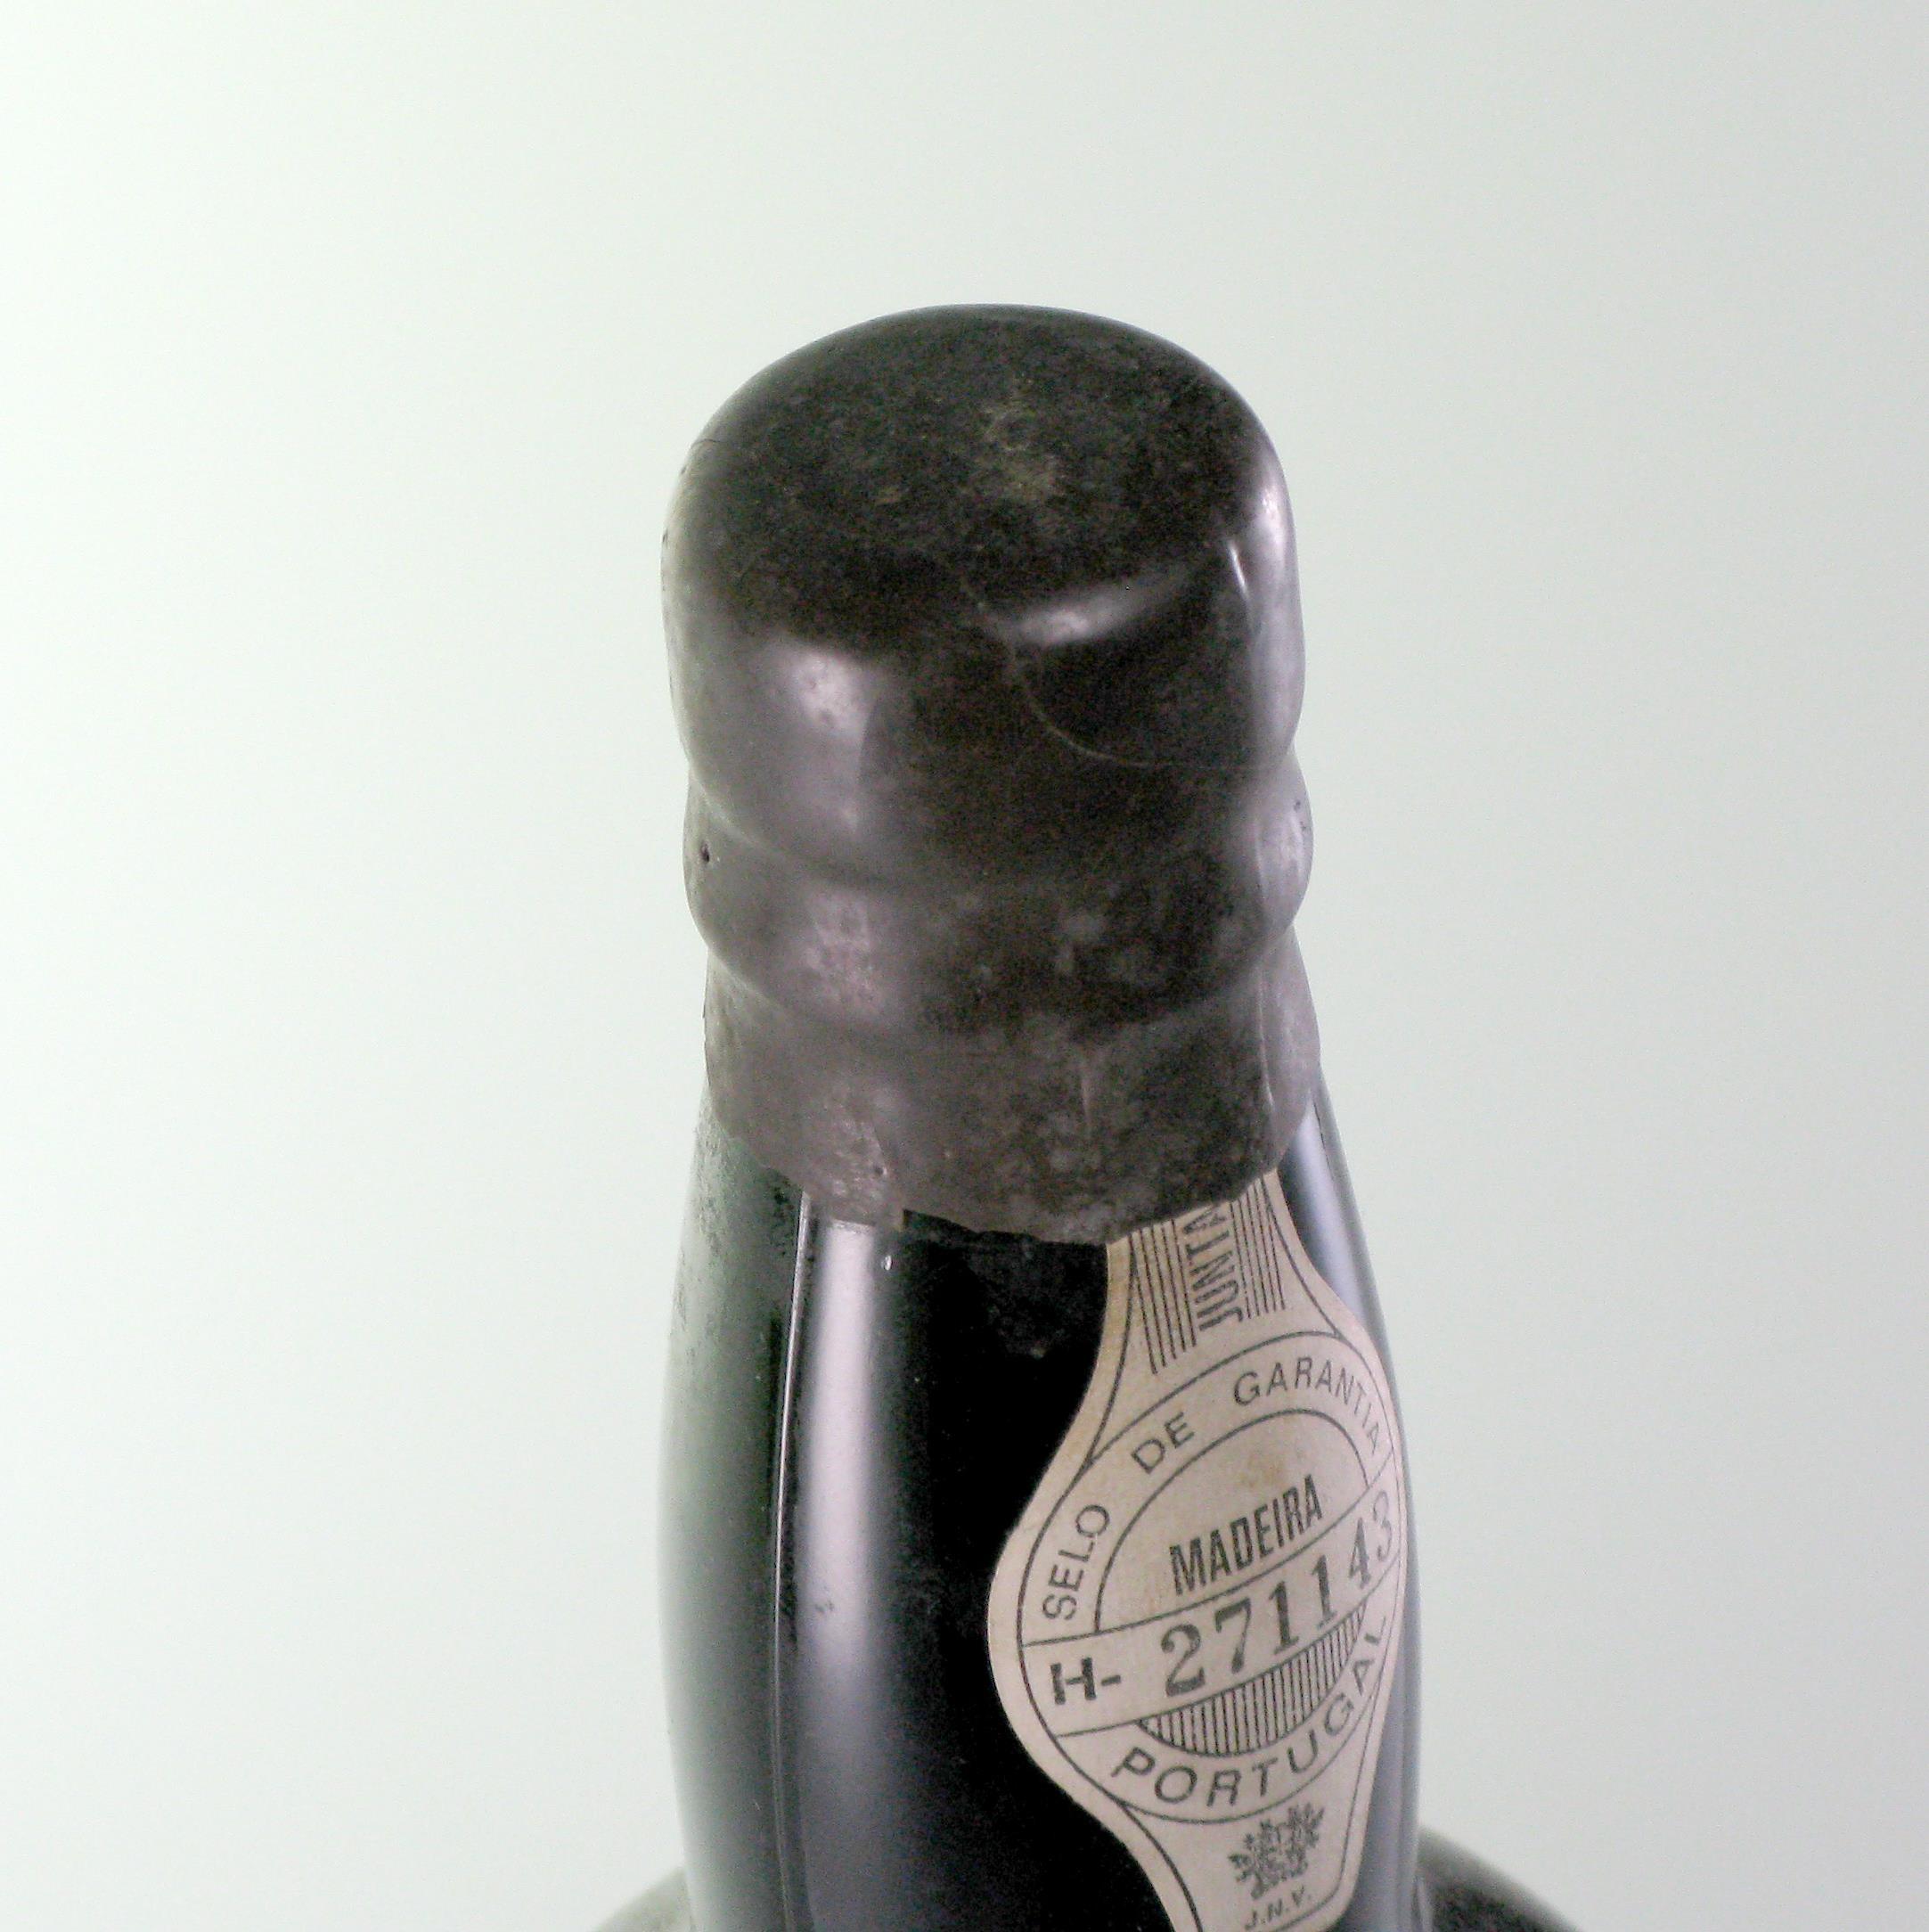 Madeira 1850 D'Oliveiras Verdelho